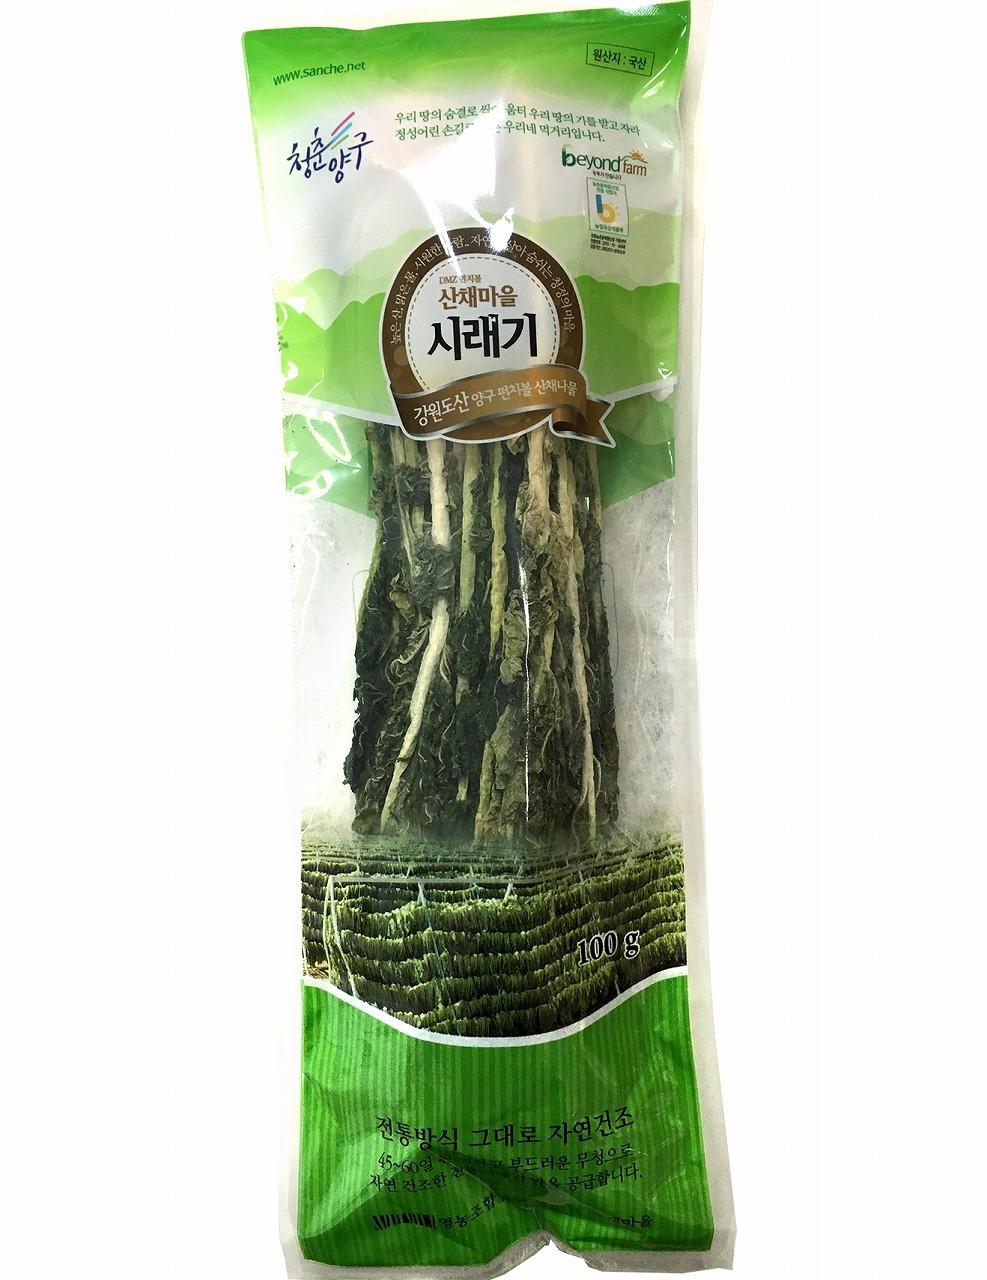 韓国食品 韓国食材 韓国料理 シレギ 大根の葉 干し大根の葉 乾物 干し物 干しナムル 安売り 干し食材 干し野菜 100g ナムル炒め 韓国農協 爆安 味噌汁